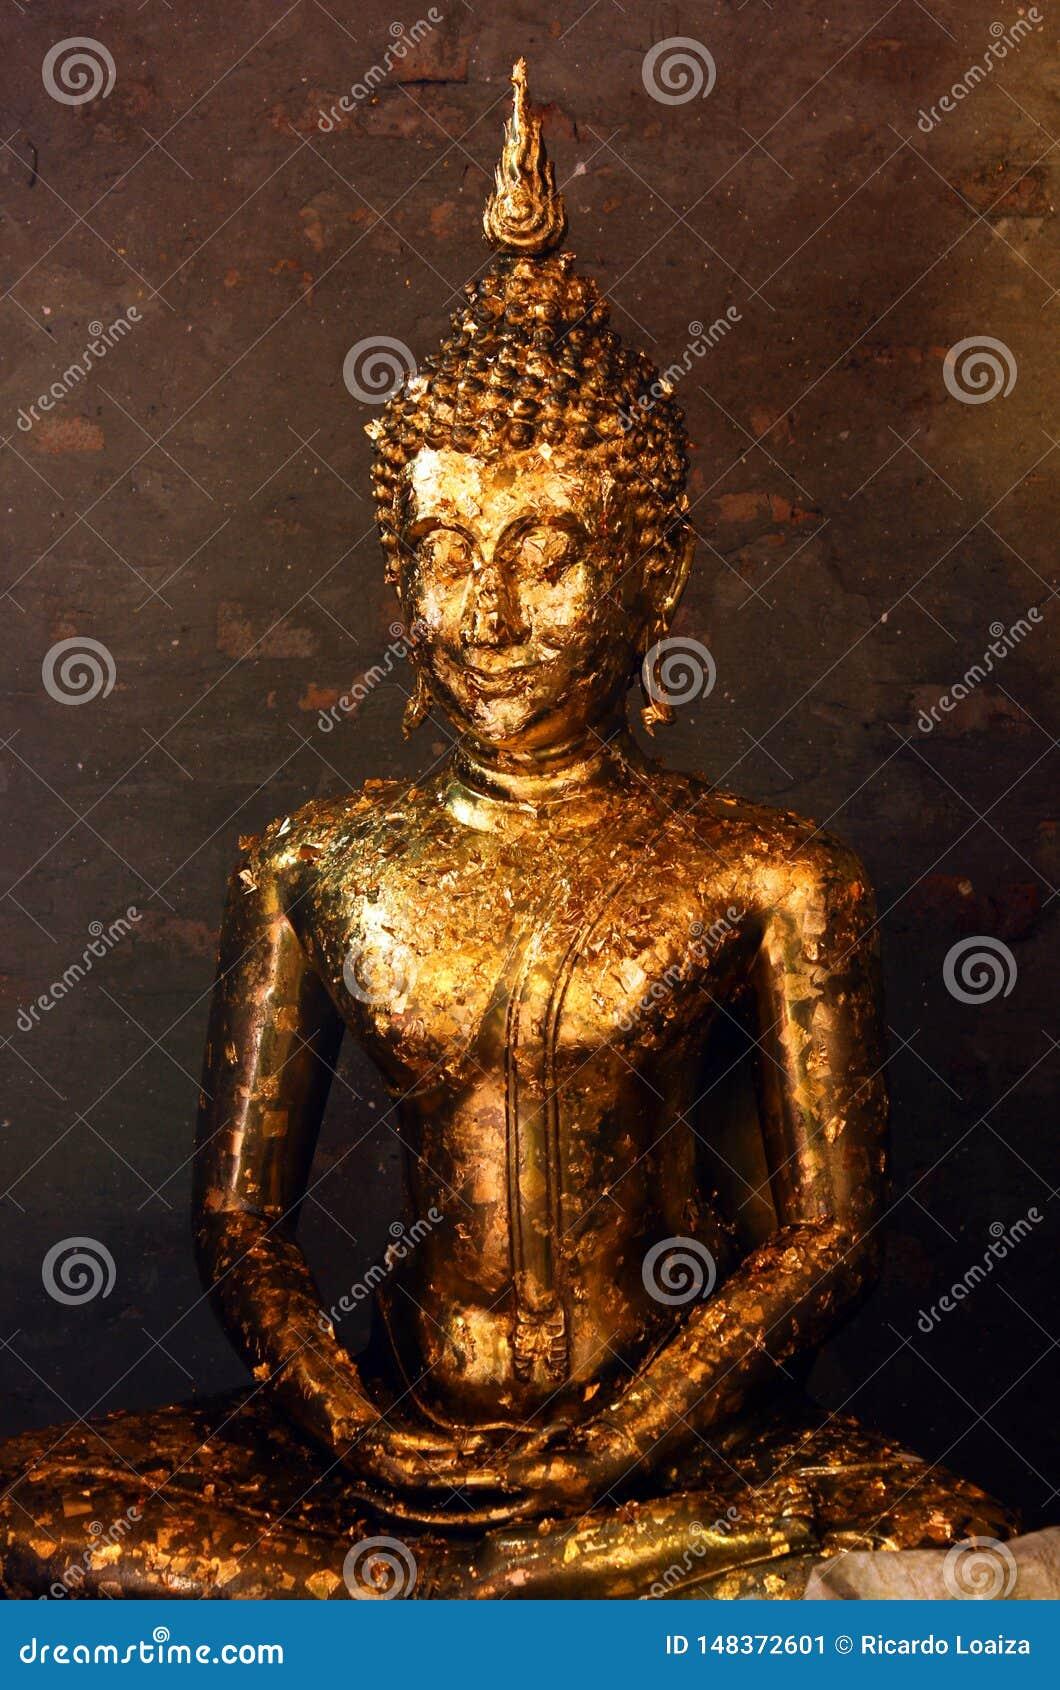 Το άγαλμα του Βούδα κάλυψε με την προσφορά του χρυσού phra wai φύλλων στο ναό Wat Yai Chai Mongkhon σε Ayutthaya, Ταϊλάνδη